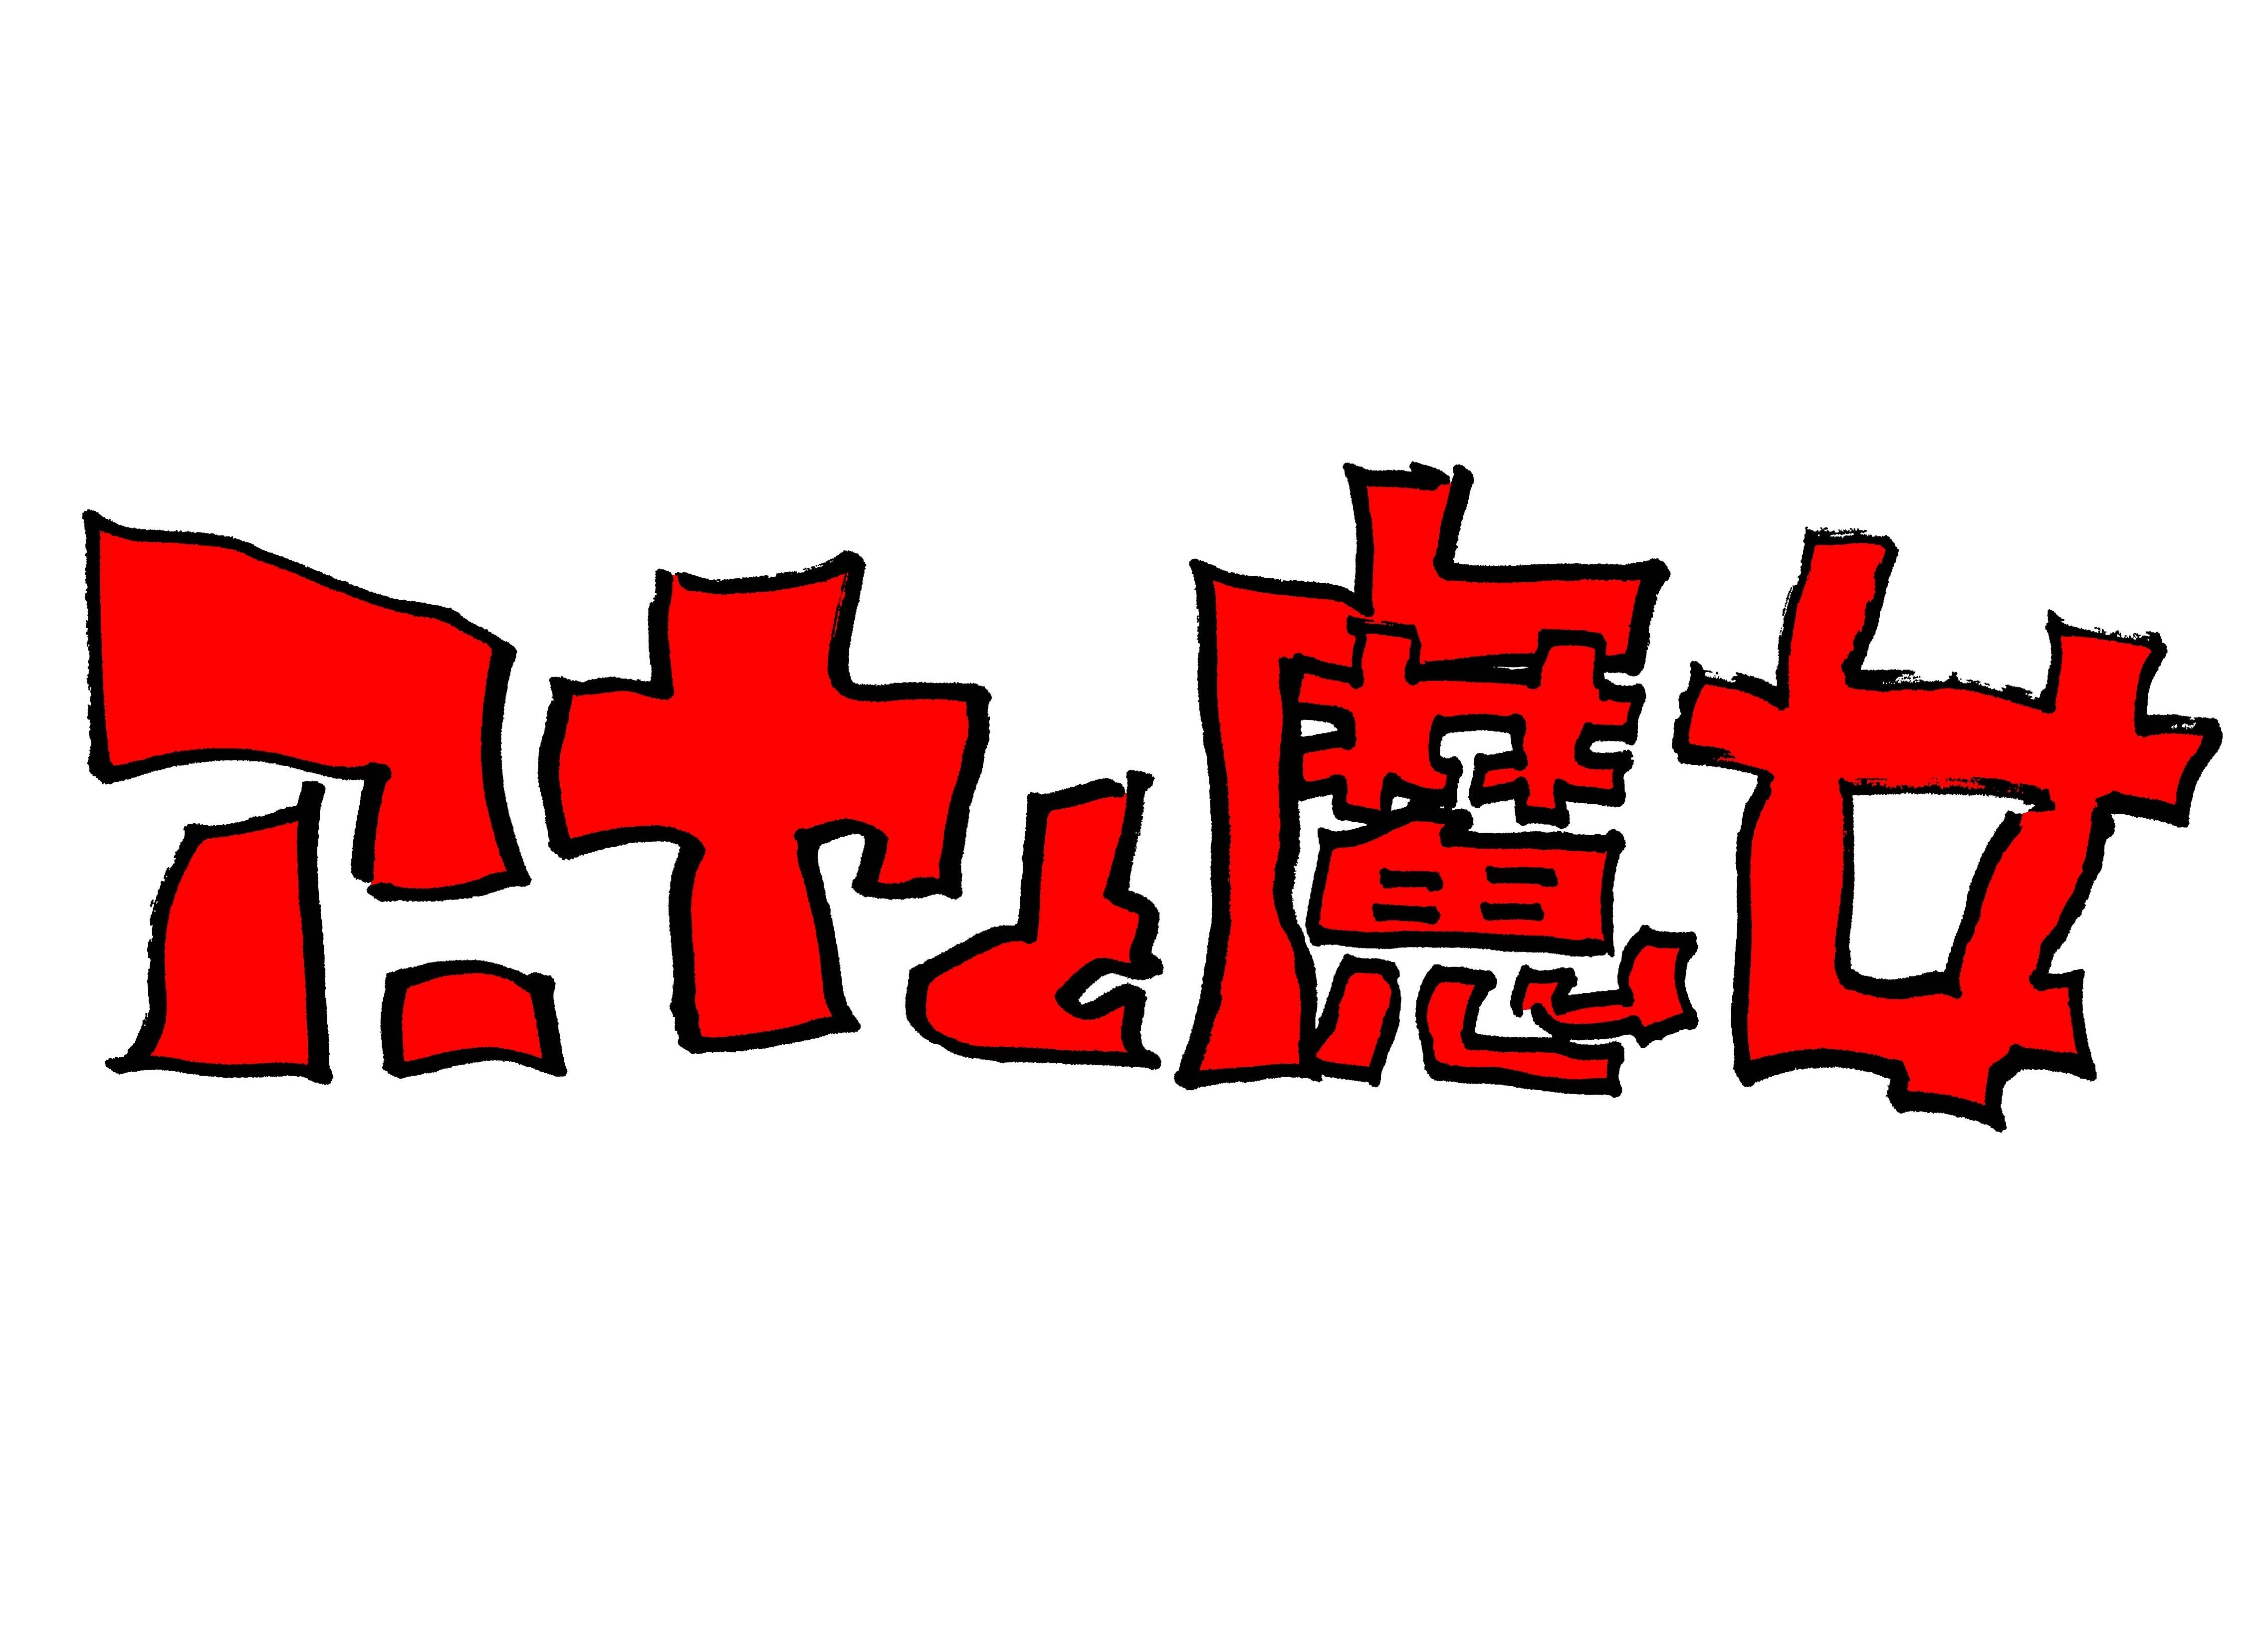 スタジオジブリ最新作 企画・宮崎駿の長編アニメ『アーヤと魔女』2020年冬 総合テレビにて放送開始